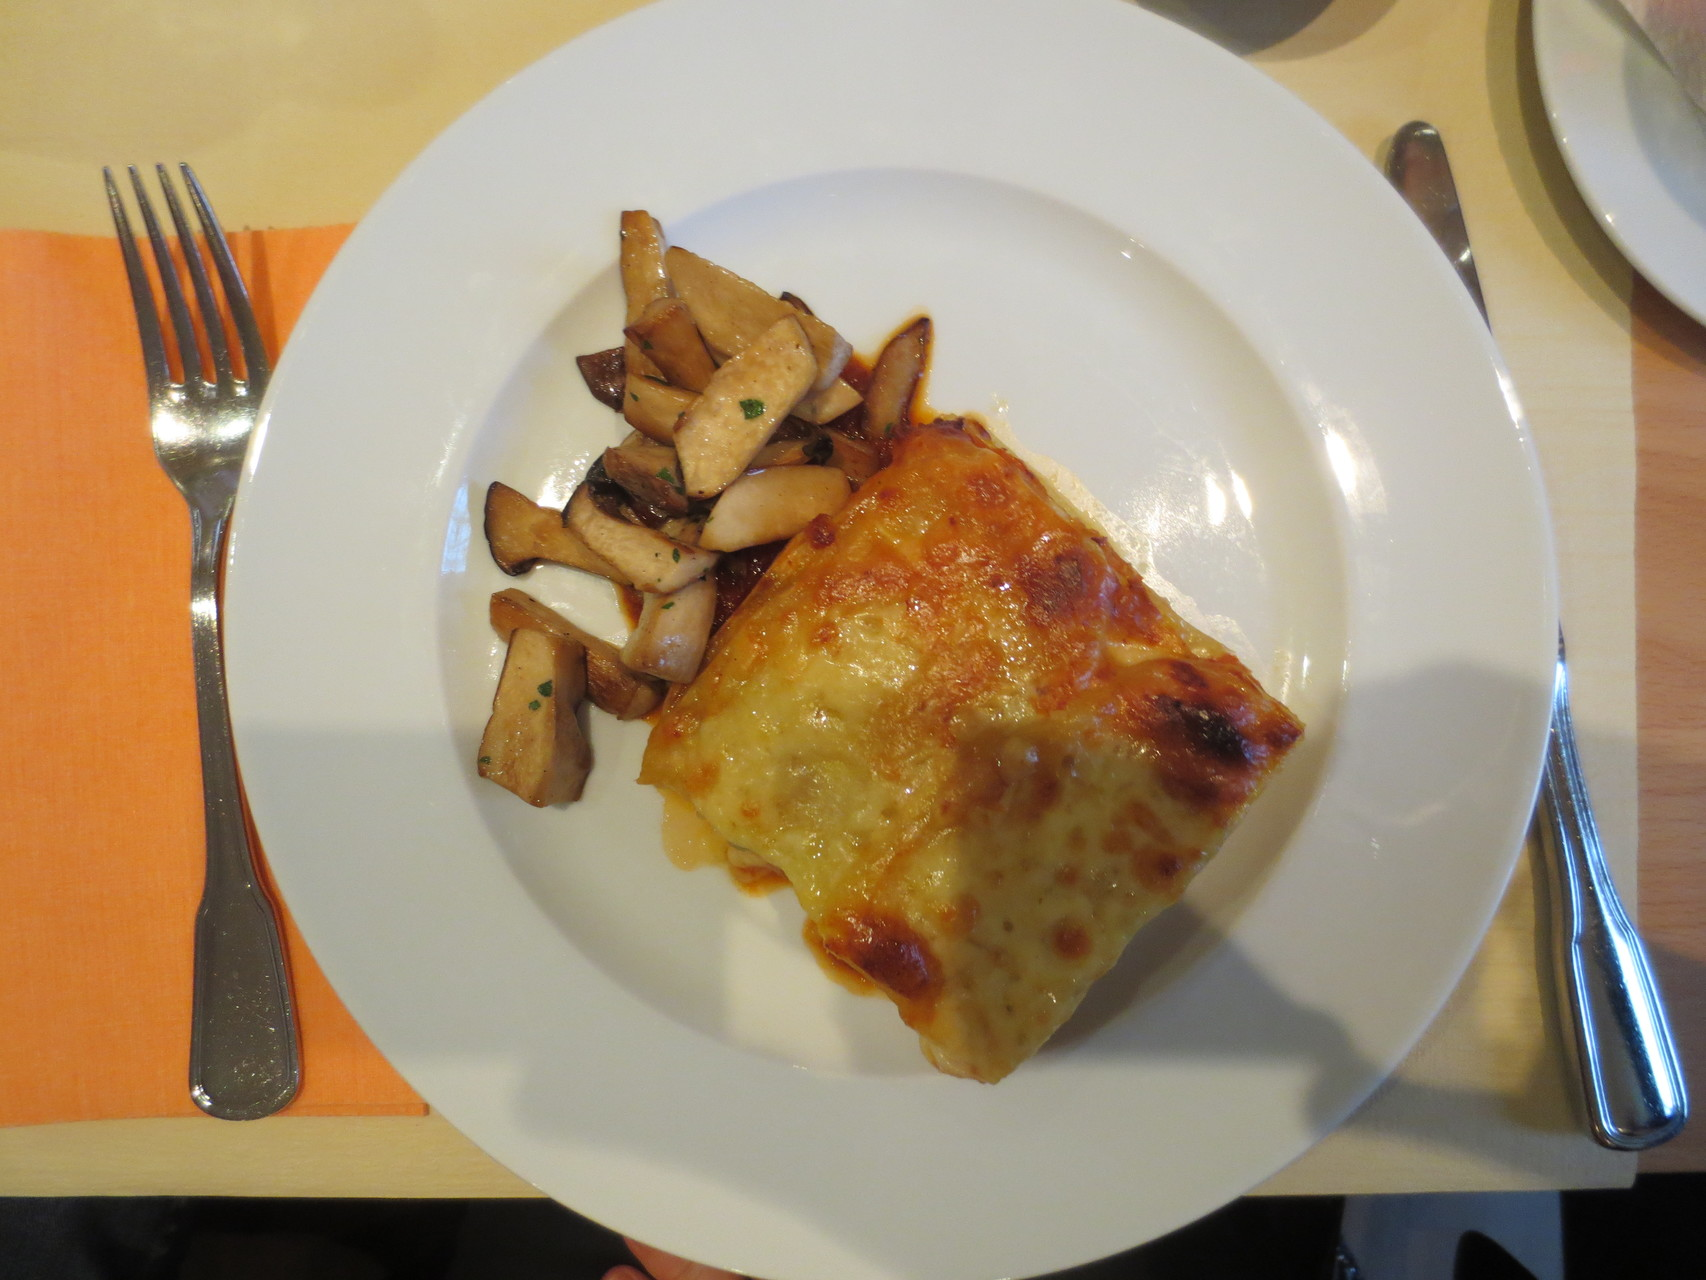 Menu VDSV-Business-Lunch: Gratiné Dalî (Provenzalischer Gemüseauflauf mit Kartoffeln, Zucchetti und Tomaten, gebratene Kräutersaitlinge)